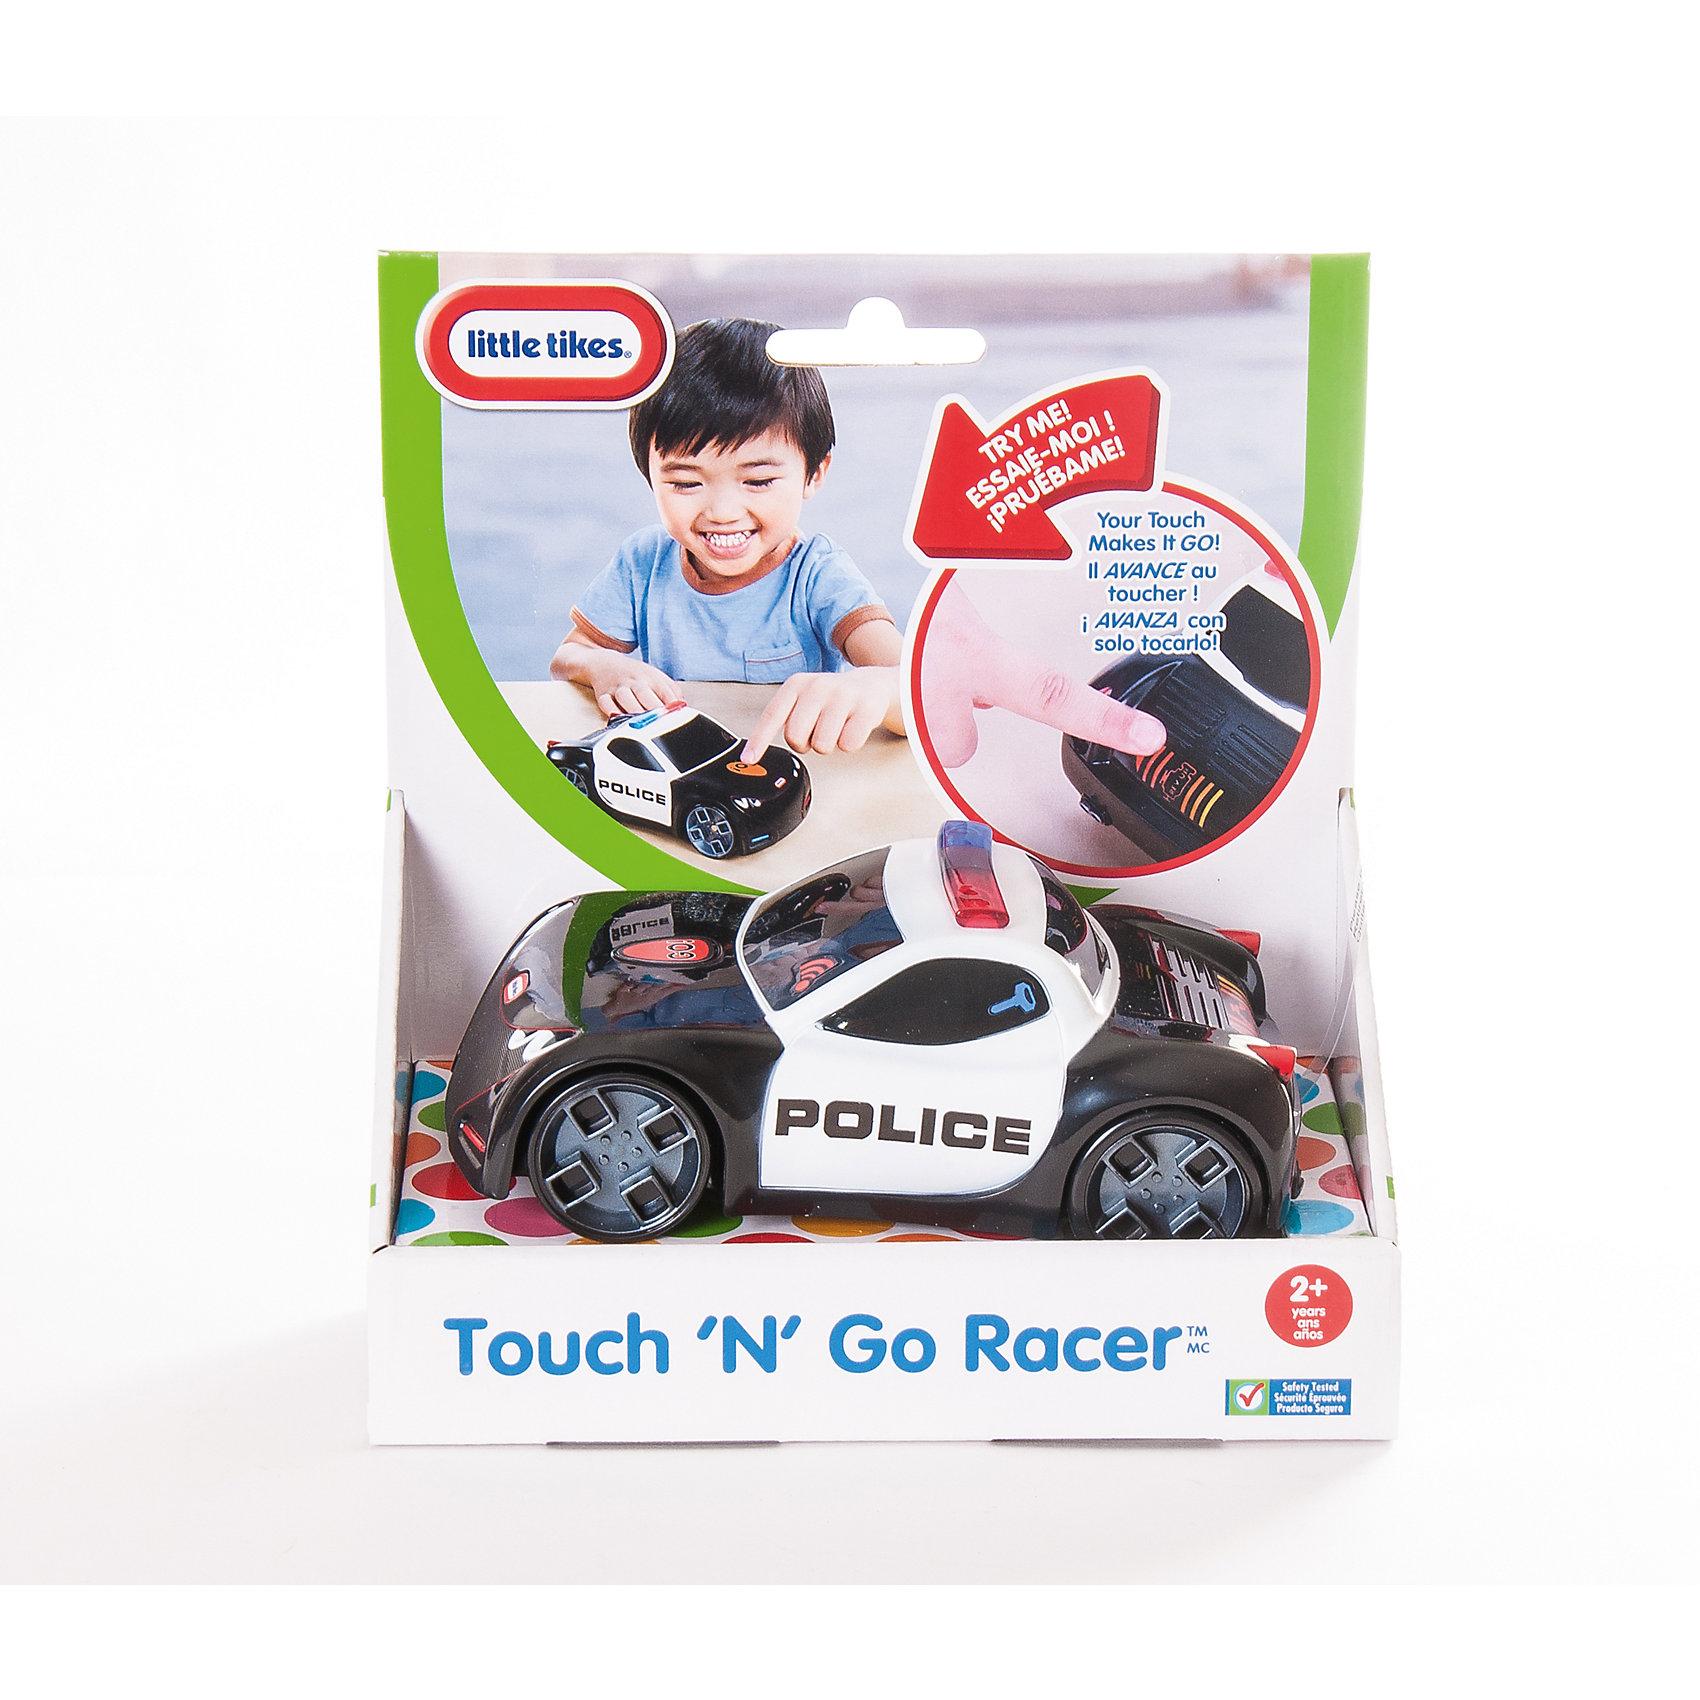 Гоночная машина Touch n Go Полиция,  Little TikesПолицейская машинка Touch n Go – необычная игрушка с сенсорным управлением. Чтобы машинка поехала, ее нужно завести, коснувшись изображения ключика. Затем надо прикоснуться к кнопке на капоте – машинка с ревом сорвется с места! Скорость движения можно регулировать прикосновением к задней панельке.<br>Кроме того, машинка Little Tikes воспроизводит звуковые эффекты – сигнал клаксона, звуки работающего двигателя, полицейской сирены, ускорения и др. Активировать эффекты очень просто – нужно прикоснуться к определенной части машинки.<br>Машинка с сенсорным управлением<br>Скорость движения можно регулировать прикосновением<br>Звуковые эффекты активируются при нажатии на разные части машинки<br>Для работы необходимо 3 АА батарейки<br><br>Ширина мм: 185<br>Глубина мм: 205<br>Высота мм: 105<br>Вес г: 468<br>Возраст от месяцев: 12<br>Возраст до месяцев: 48<br>Пол: Мужской<br>Возраст: Детский<br>SKU: 3924164